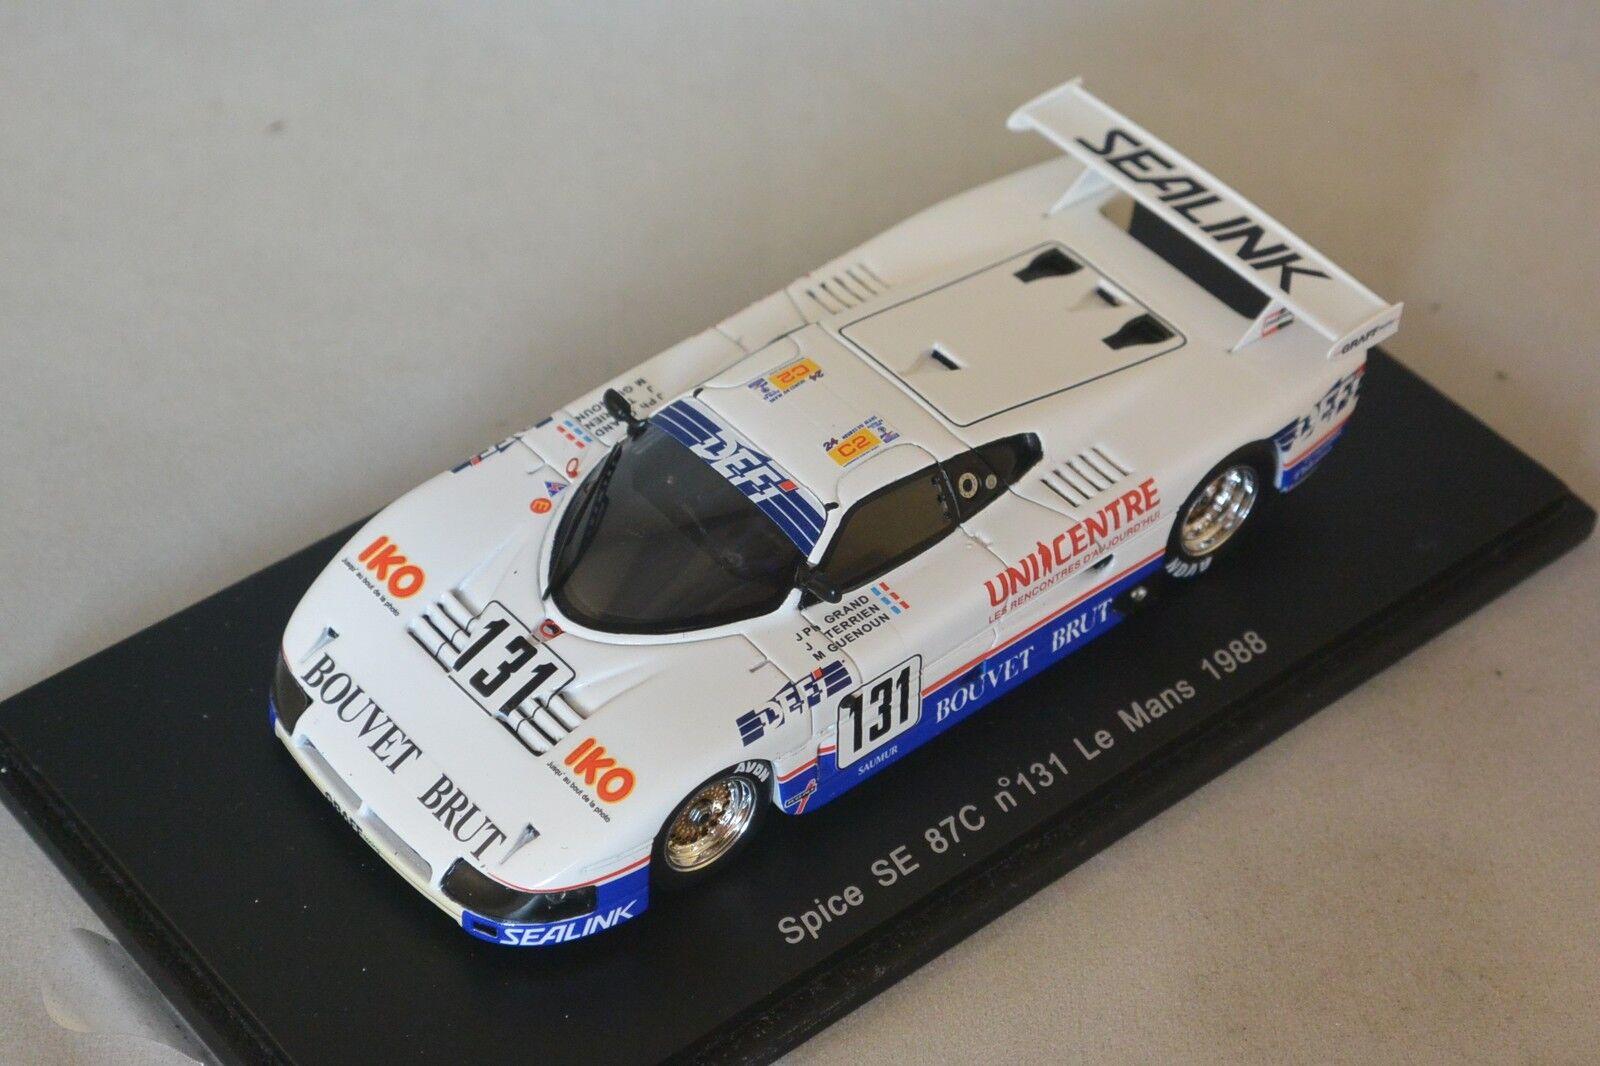 Spark S3587 - SPICE SE 86C 86C 86C n°131 Le Mans 1988 Grand - Terrien - M. Guenou 1 43 c21fbf